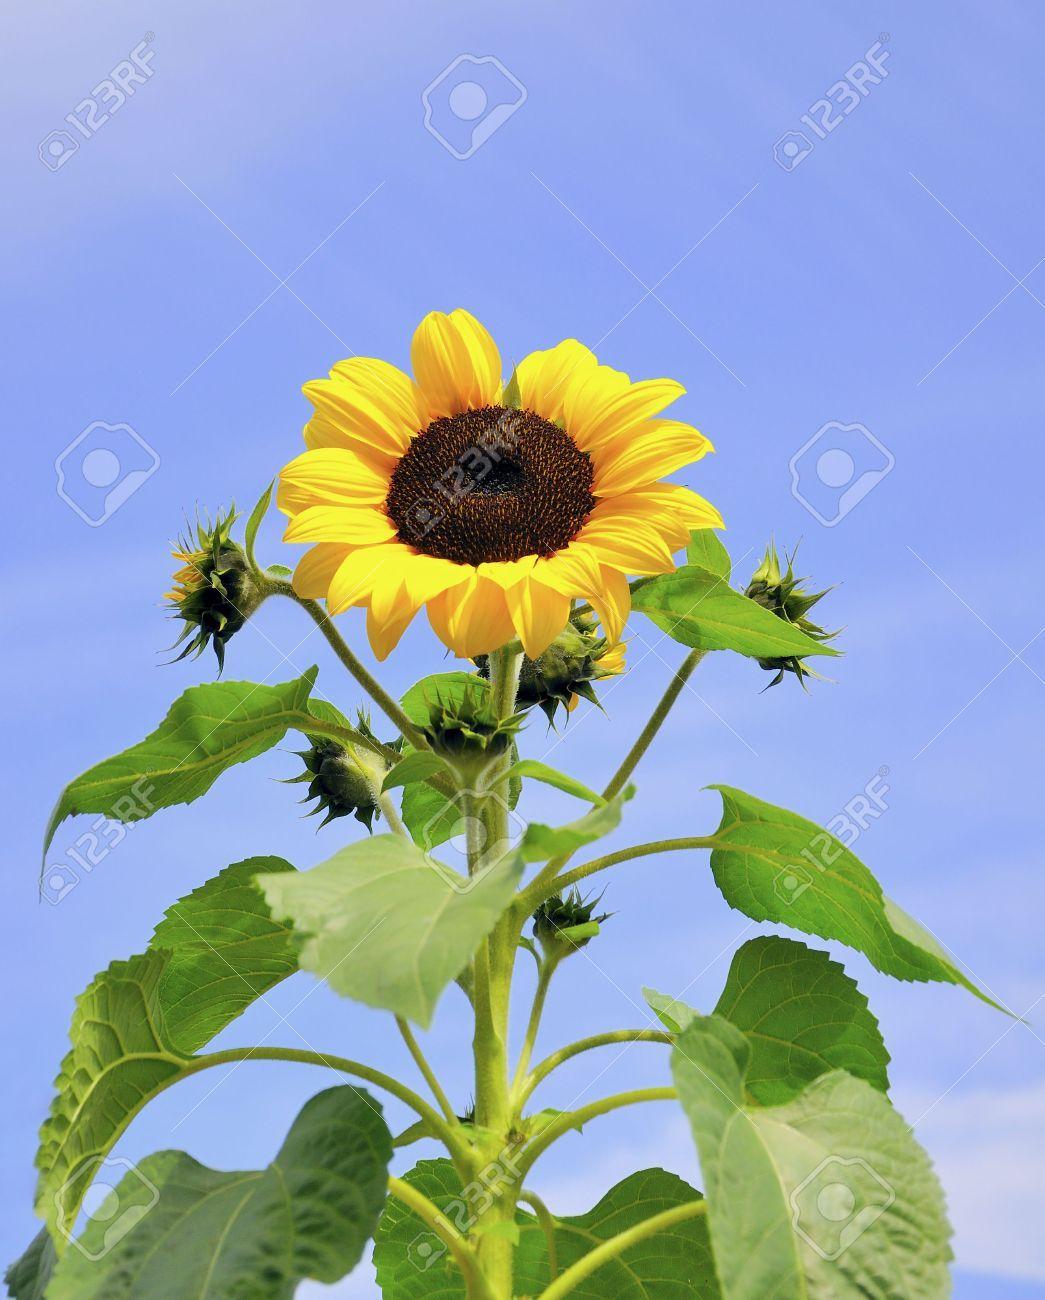 Sunflower Stalk Craft Ideas